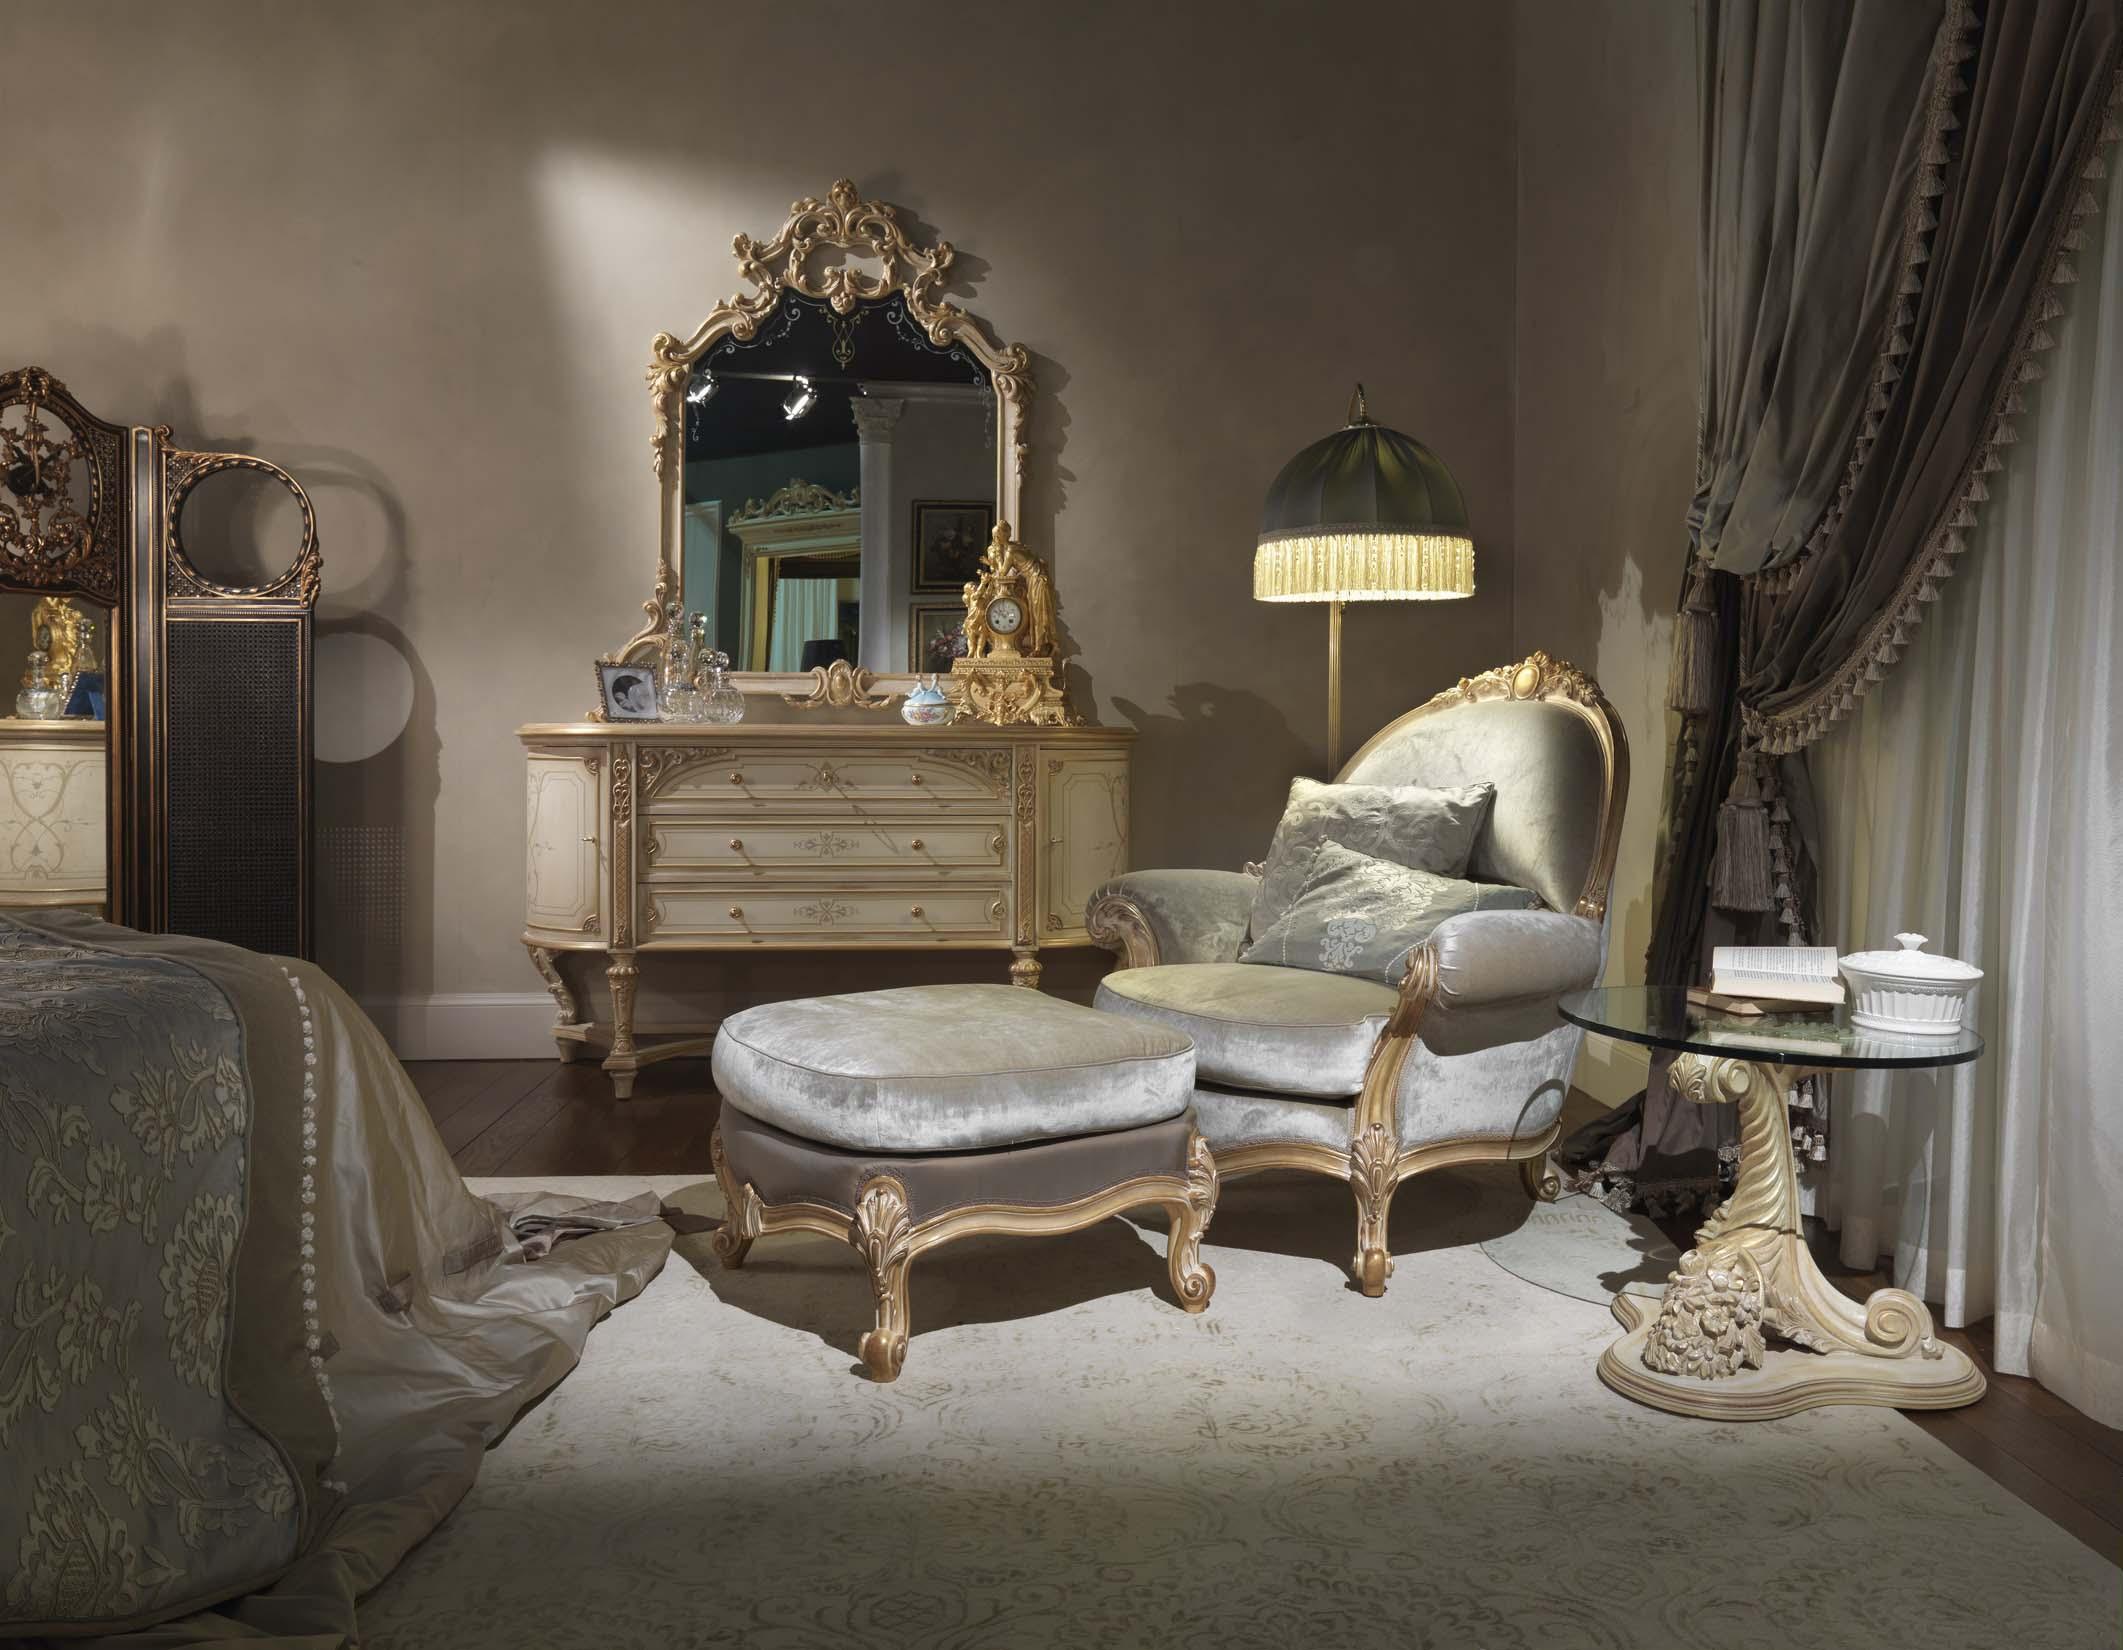 Camera da letto stile francese chic - Camera da letto in francese ...